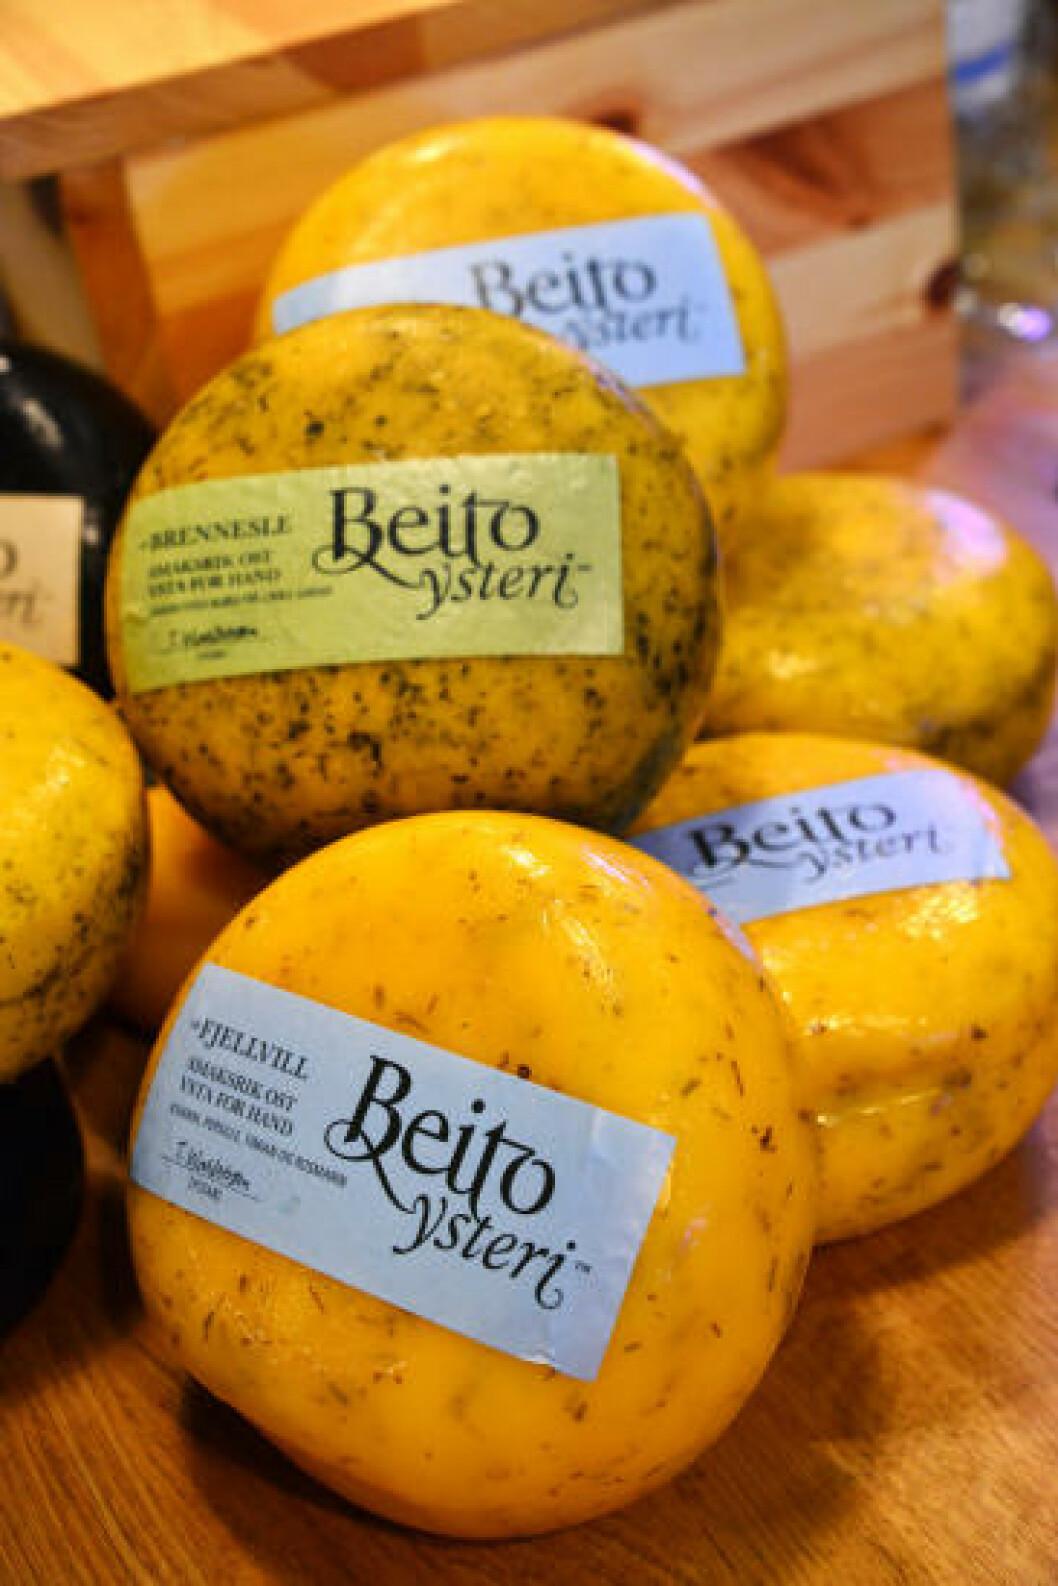 <strong>KJØP I BUTIKK:</strong> Det er bare fire år siden Beito ysteri startet produksjon, men allerede selges ostene i over 100 butikker rundt om i landet. Foto: TORILD MOLAND